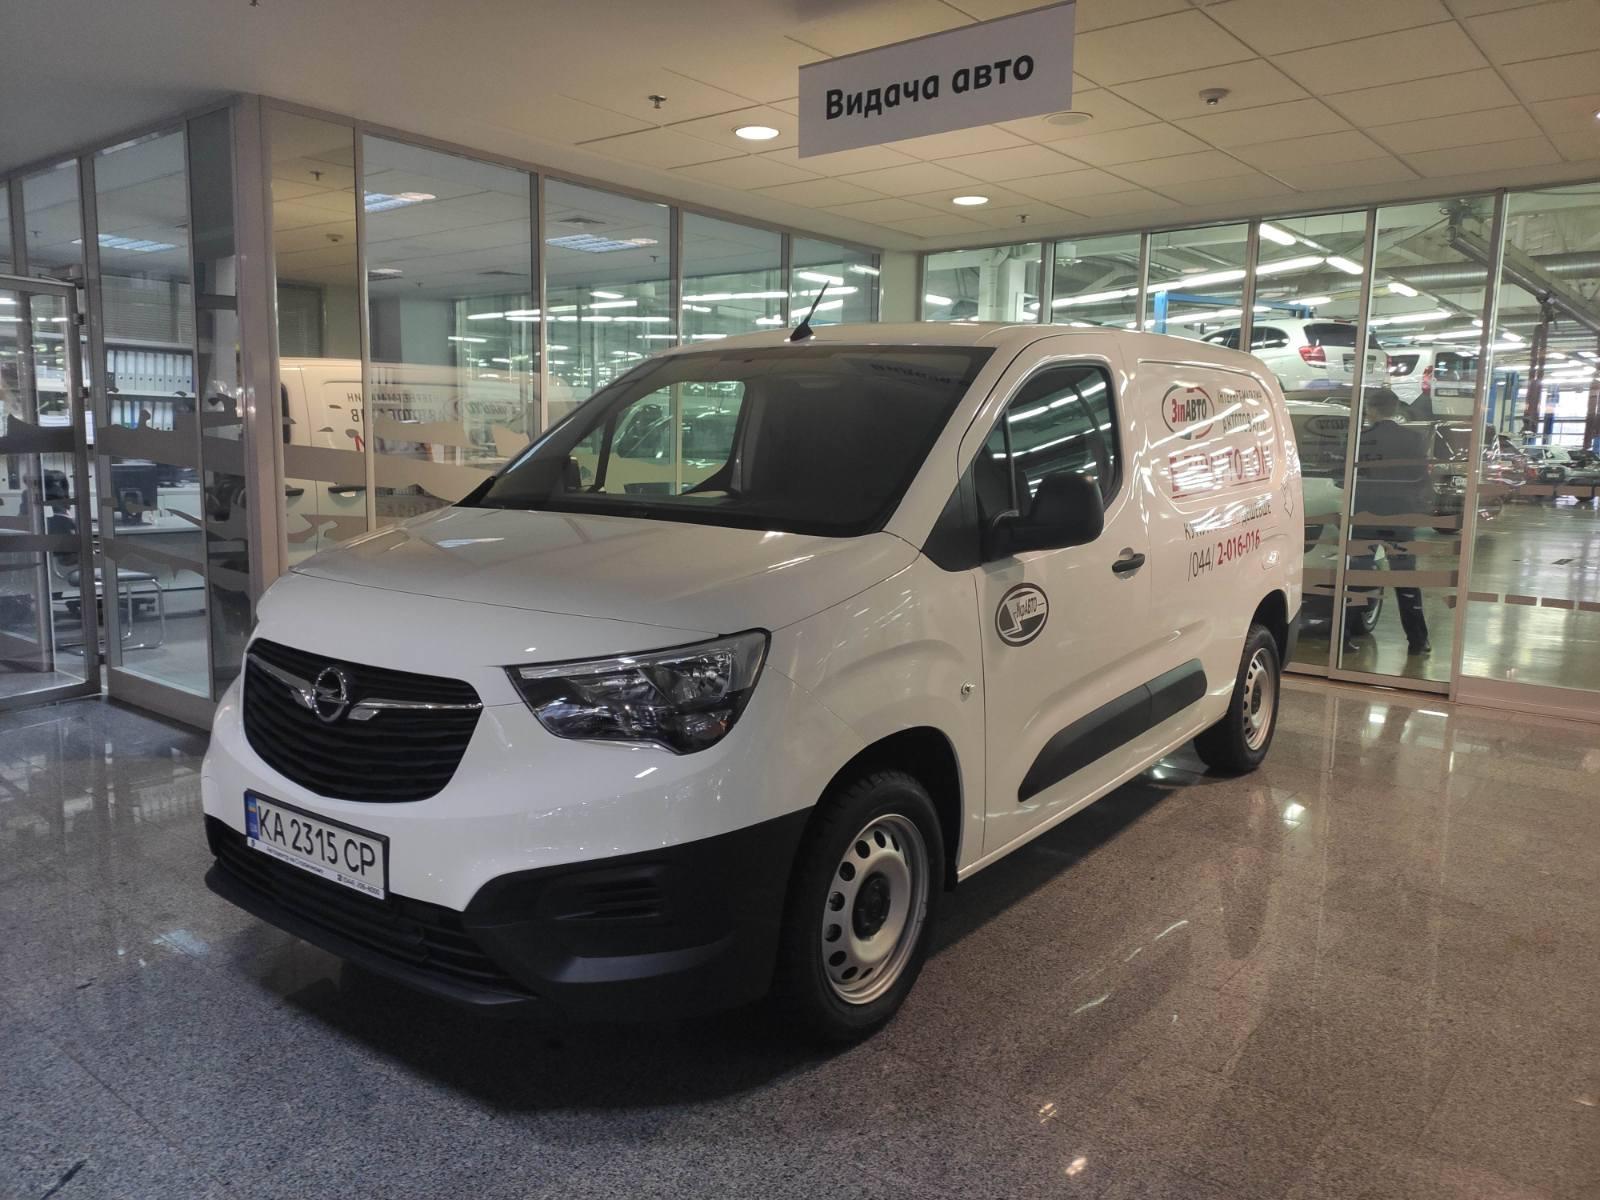 Комерційні автомобілі Opel знаходять нових корпоративних покупців